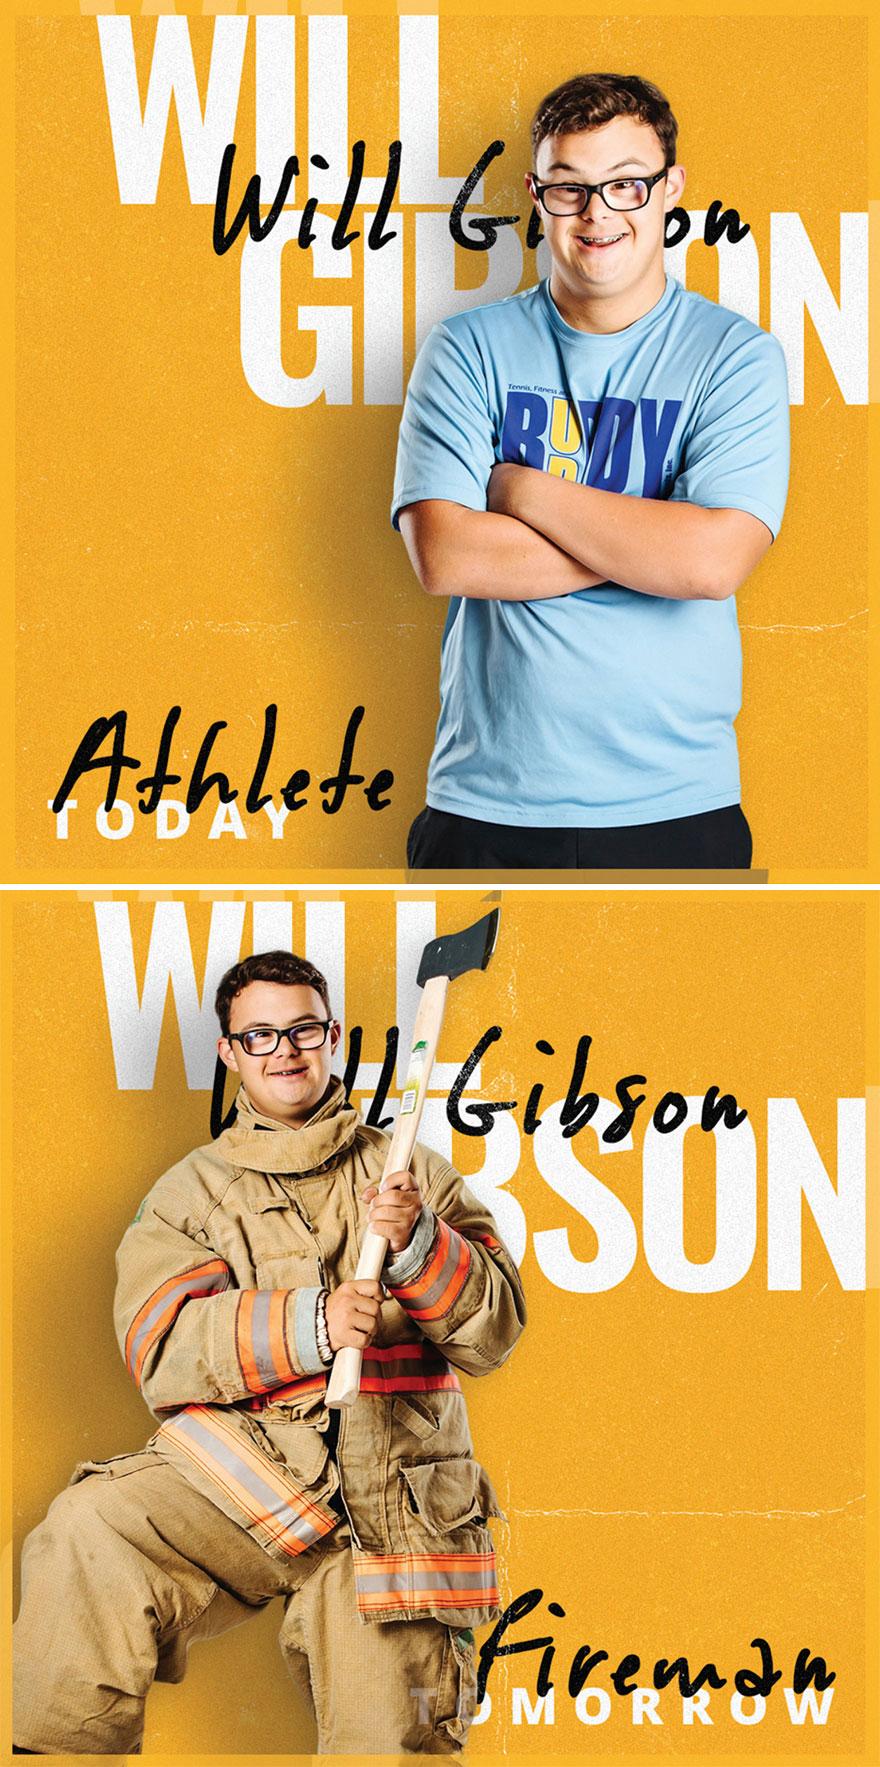 Will Gibson, Fireman